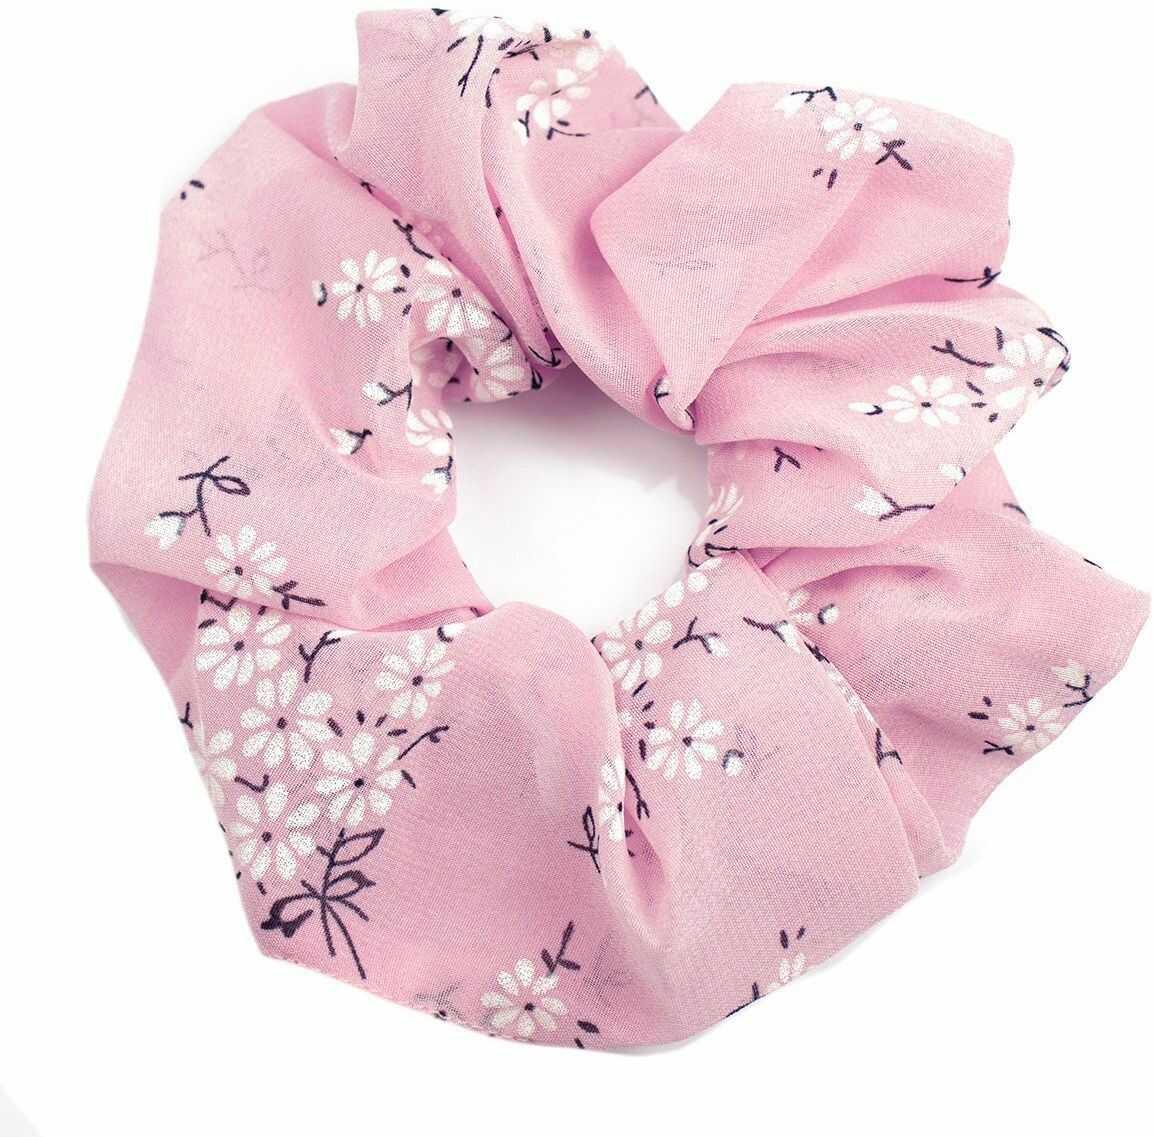 Gumka do włosów frotka scrunchies różowa kwiaty